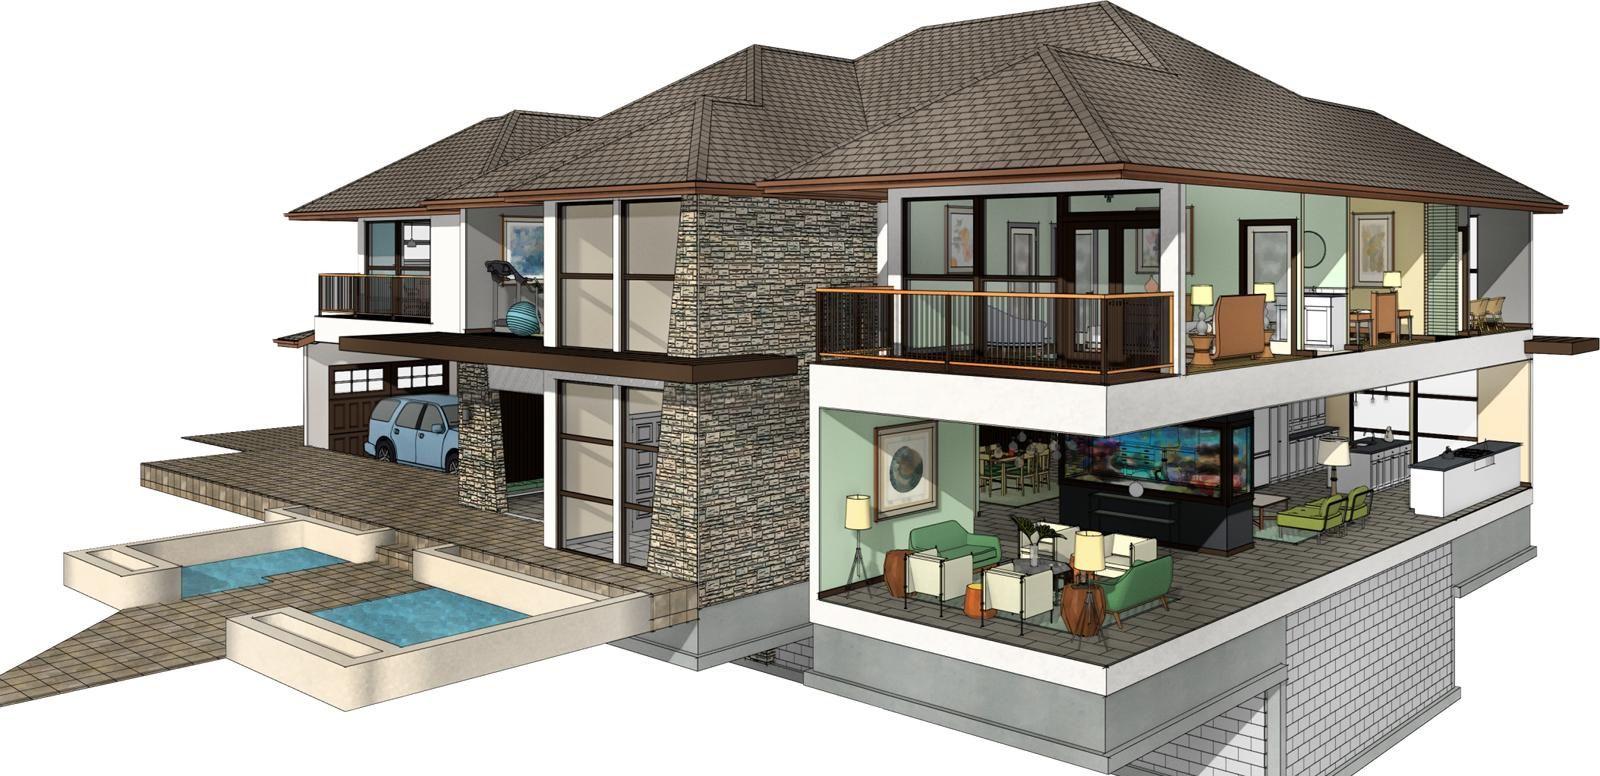 House Inspirational House Design Program Check more